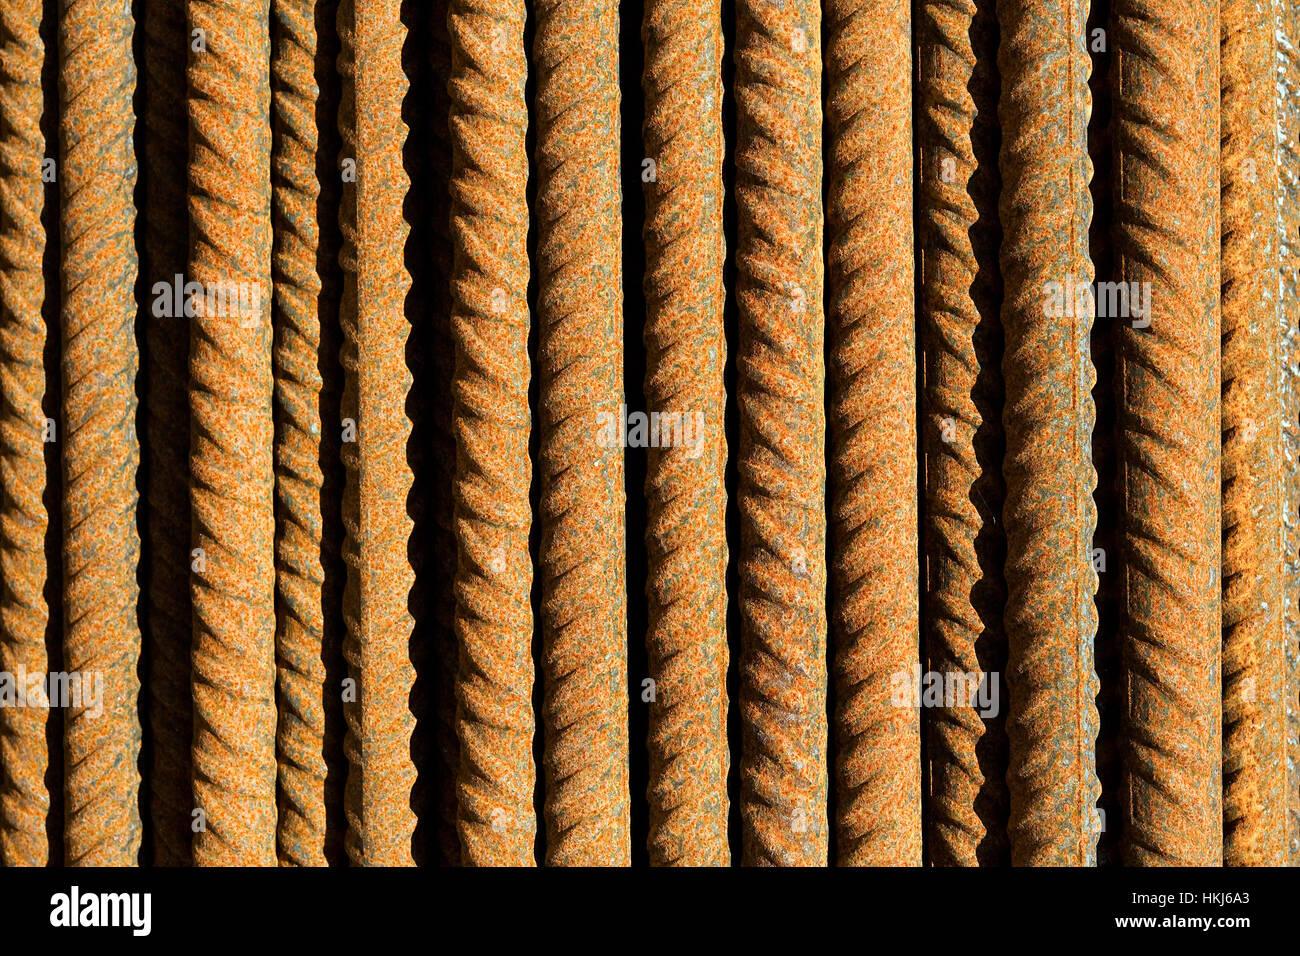 Varillas de acero oxidado orientado paralelo en concepto de fondo solar Imagen De Stock